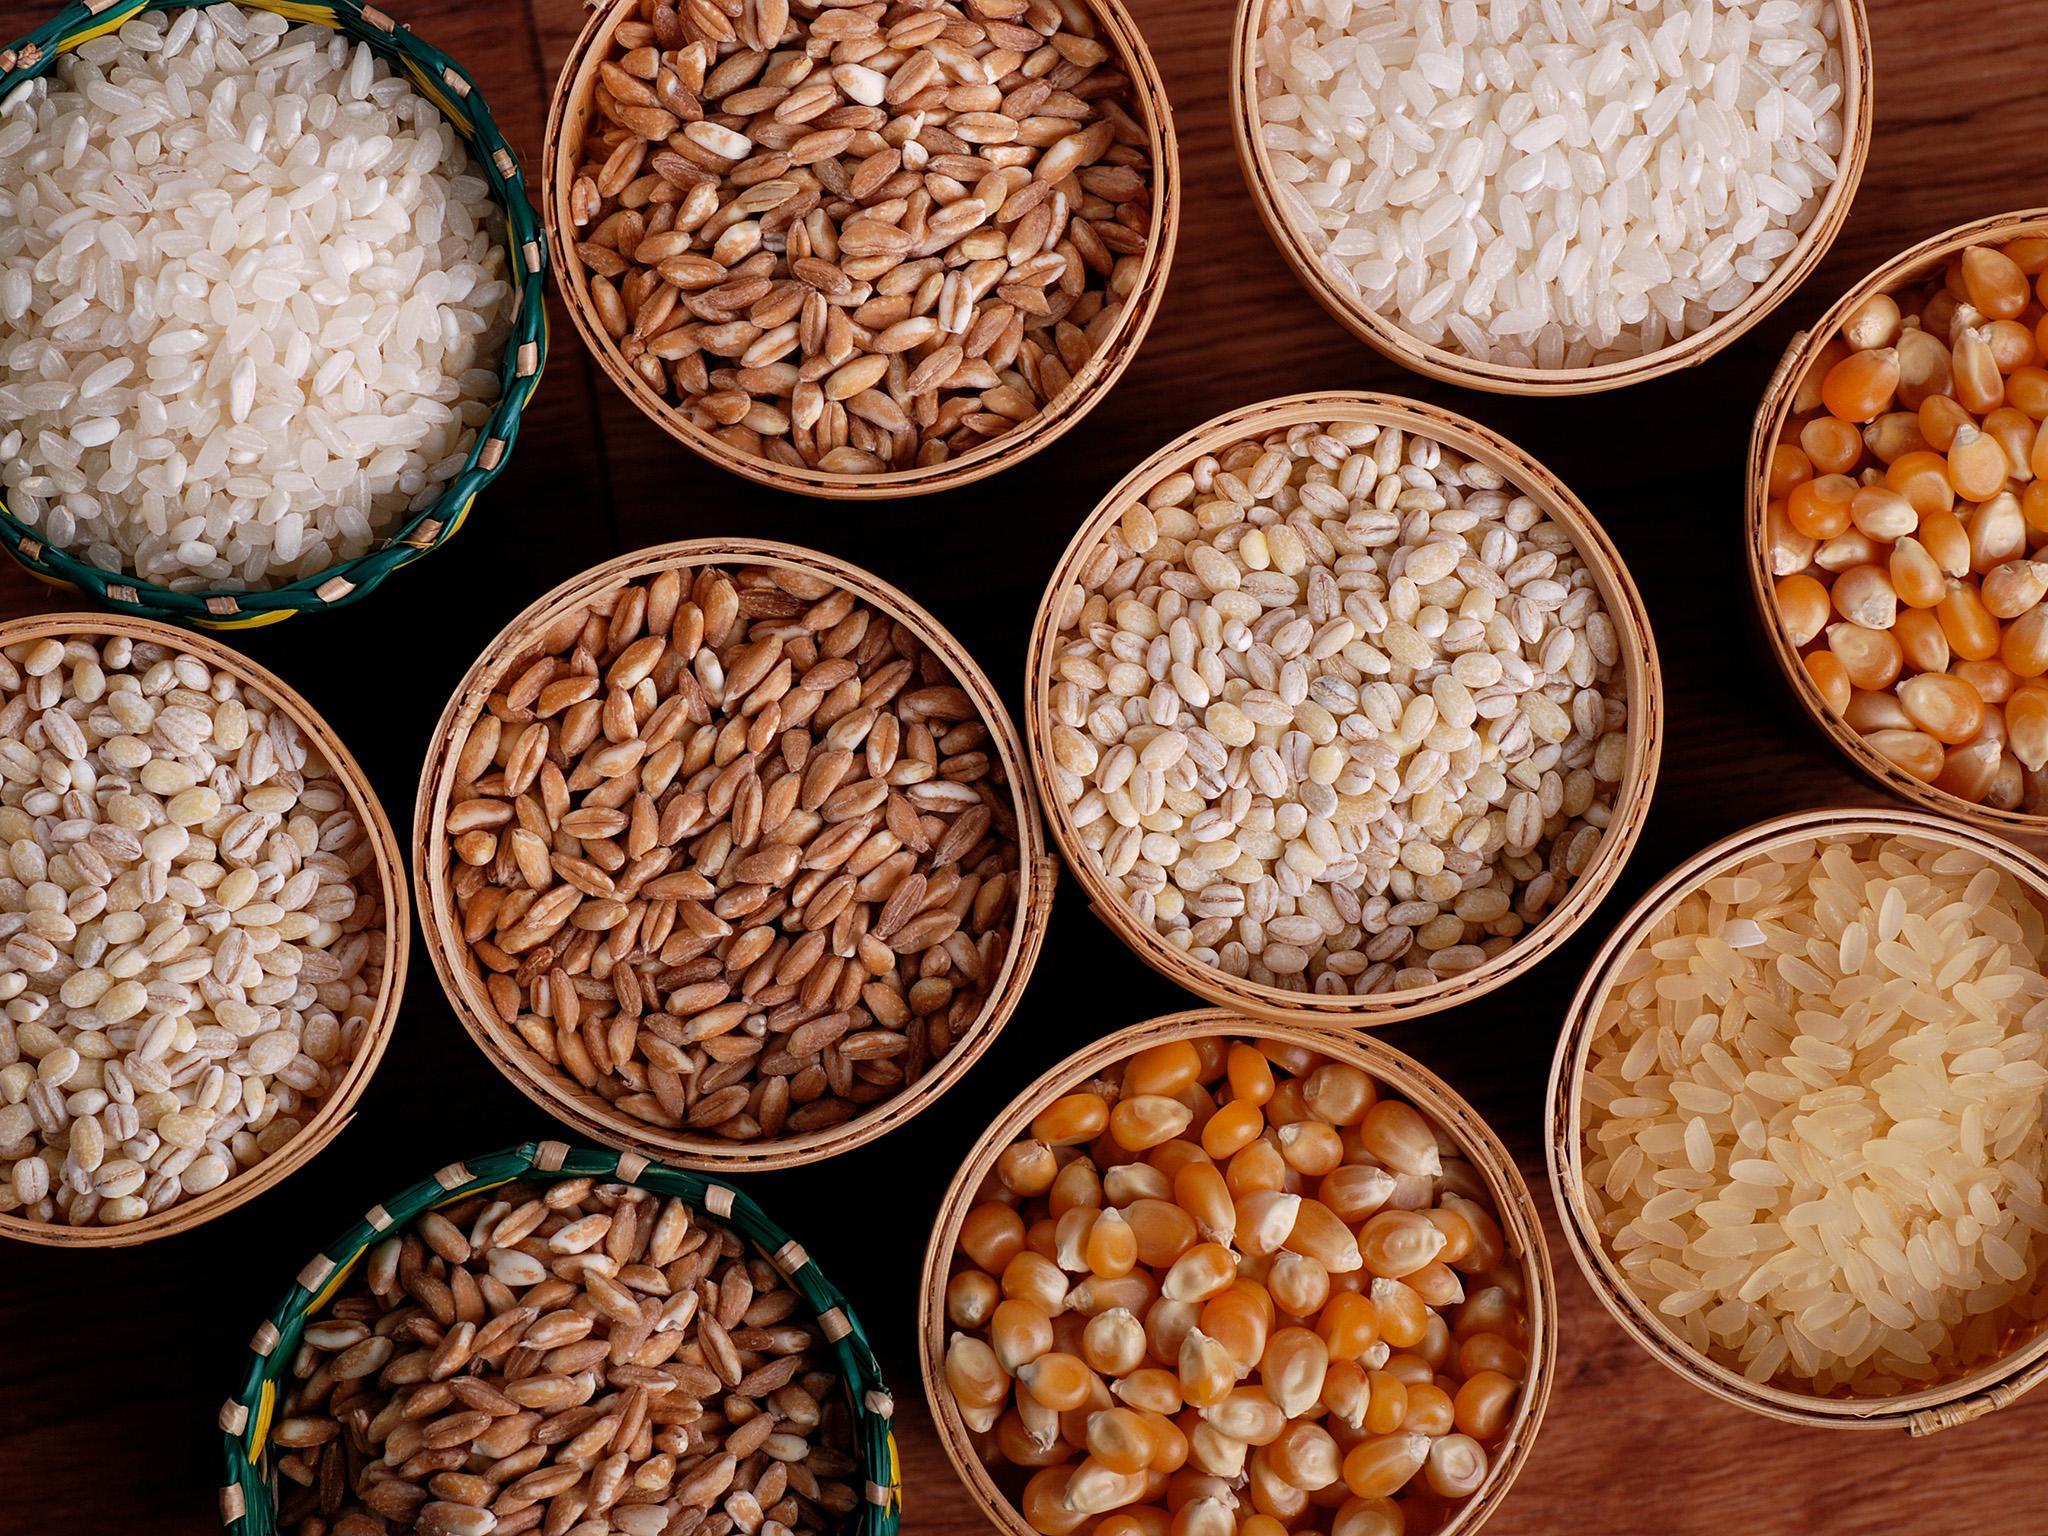 Hasznos terménytárolási táblázatok - Hasznos terménytárolás táblázatok - a gabonatárolás számokban